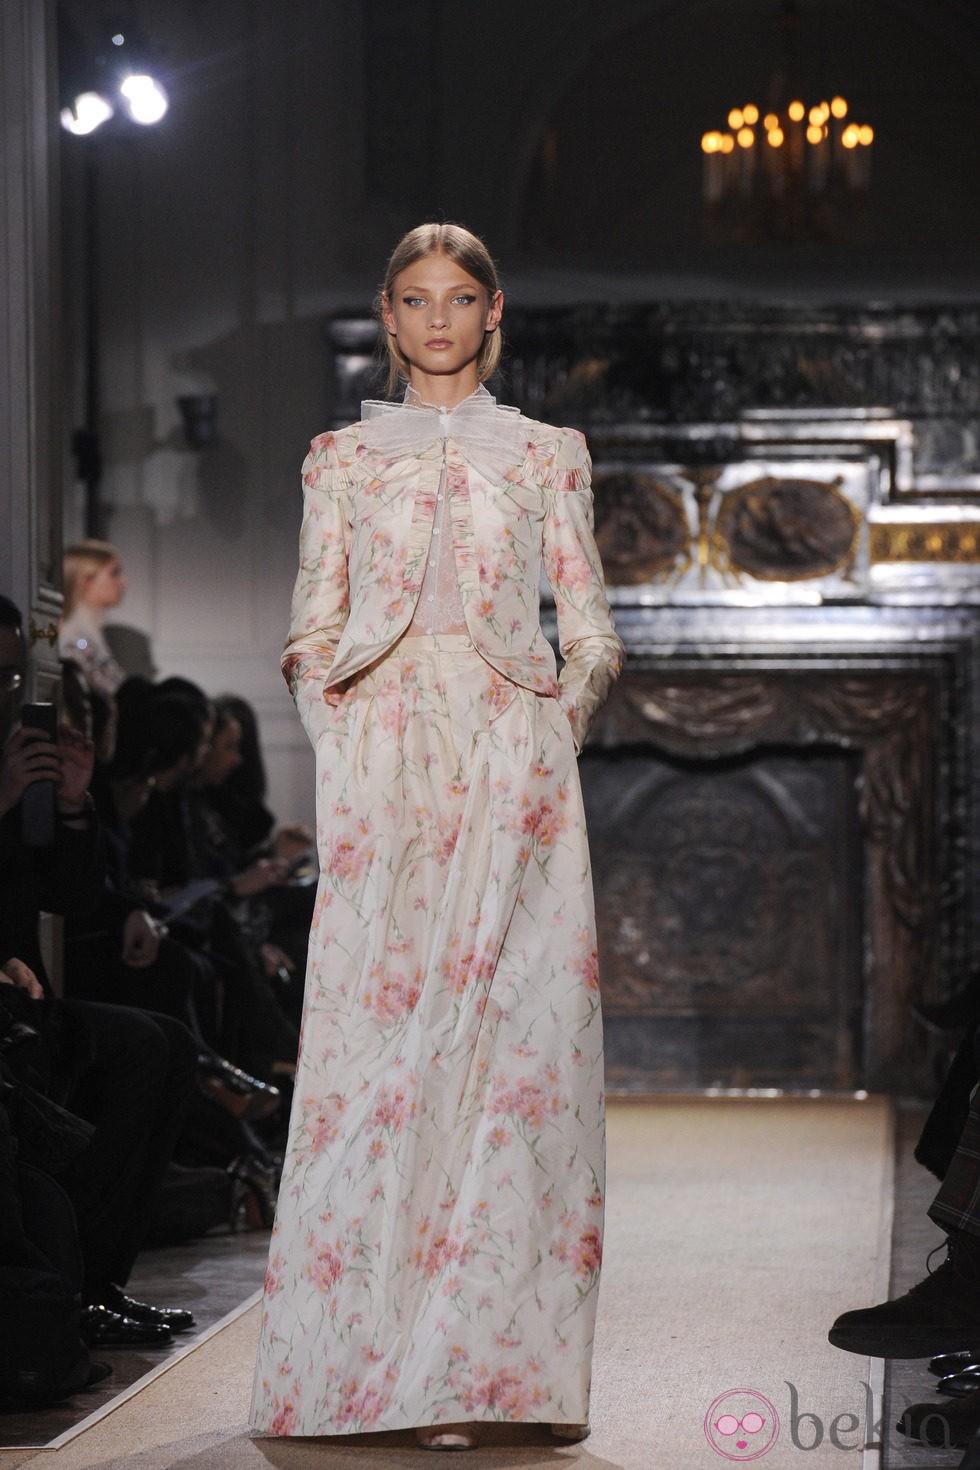 Dise o con estampados florales en rosa palo de valentino - Diseno alta costura ...